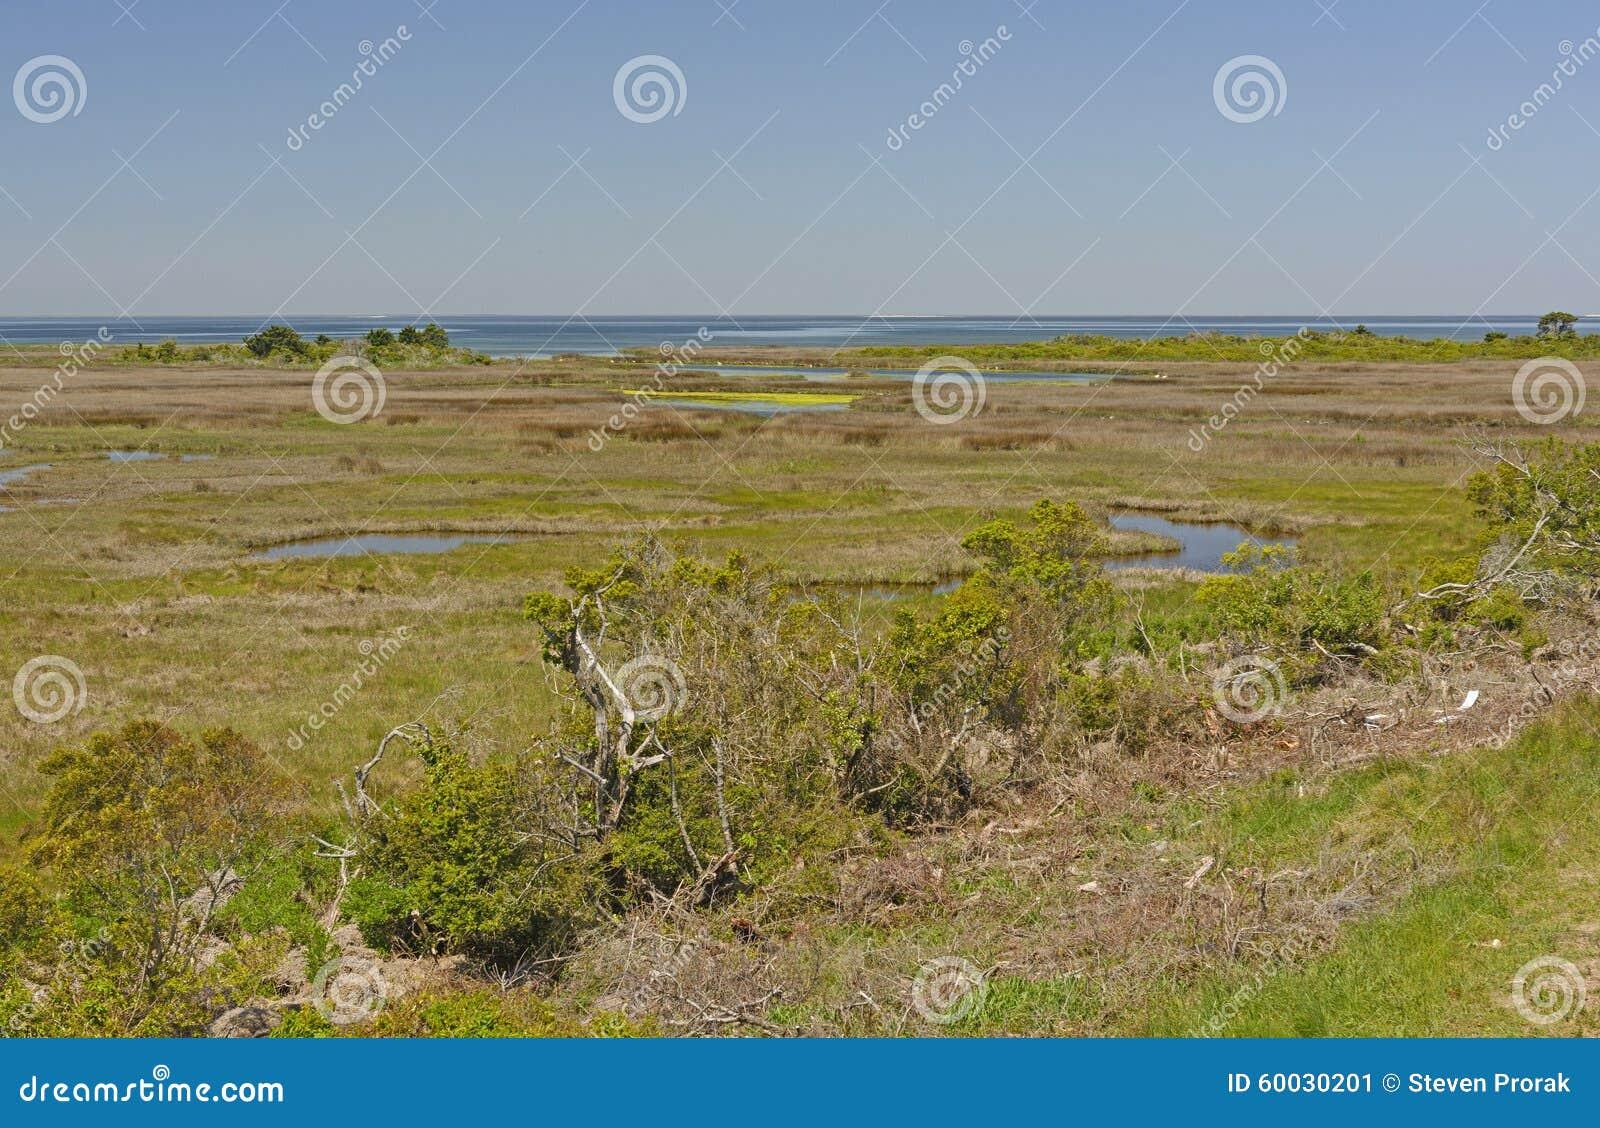 Sumpfgebiete auf einer Düneninsel